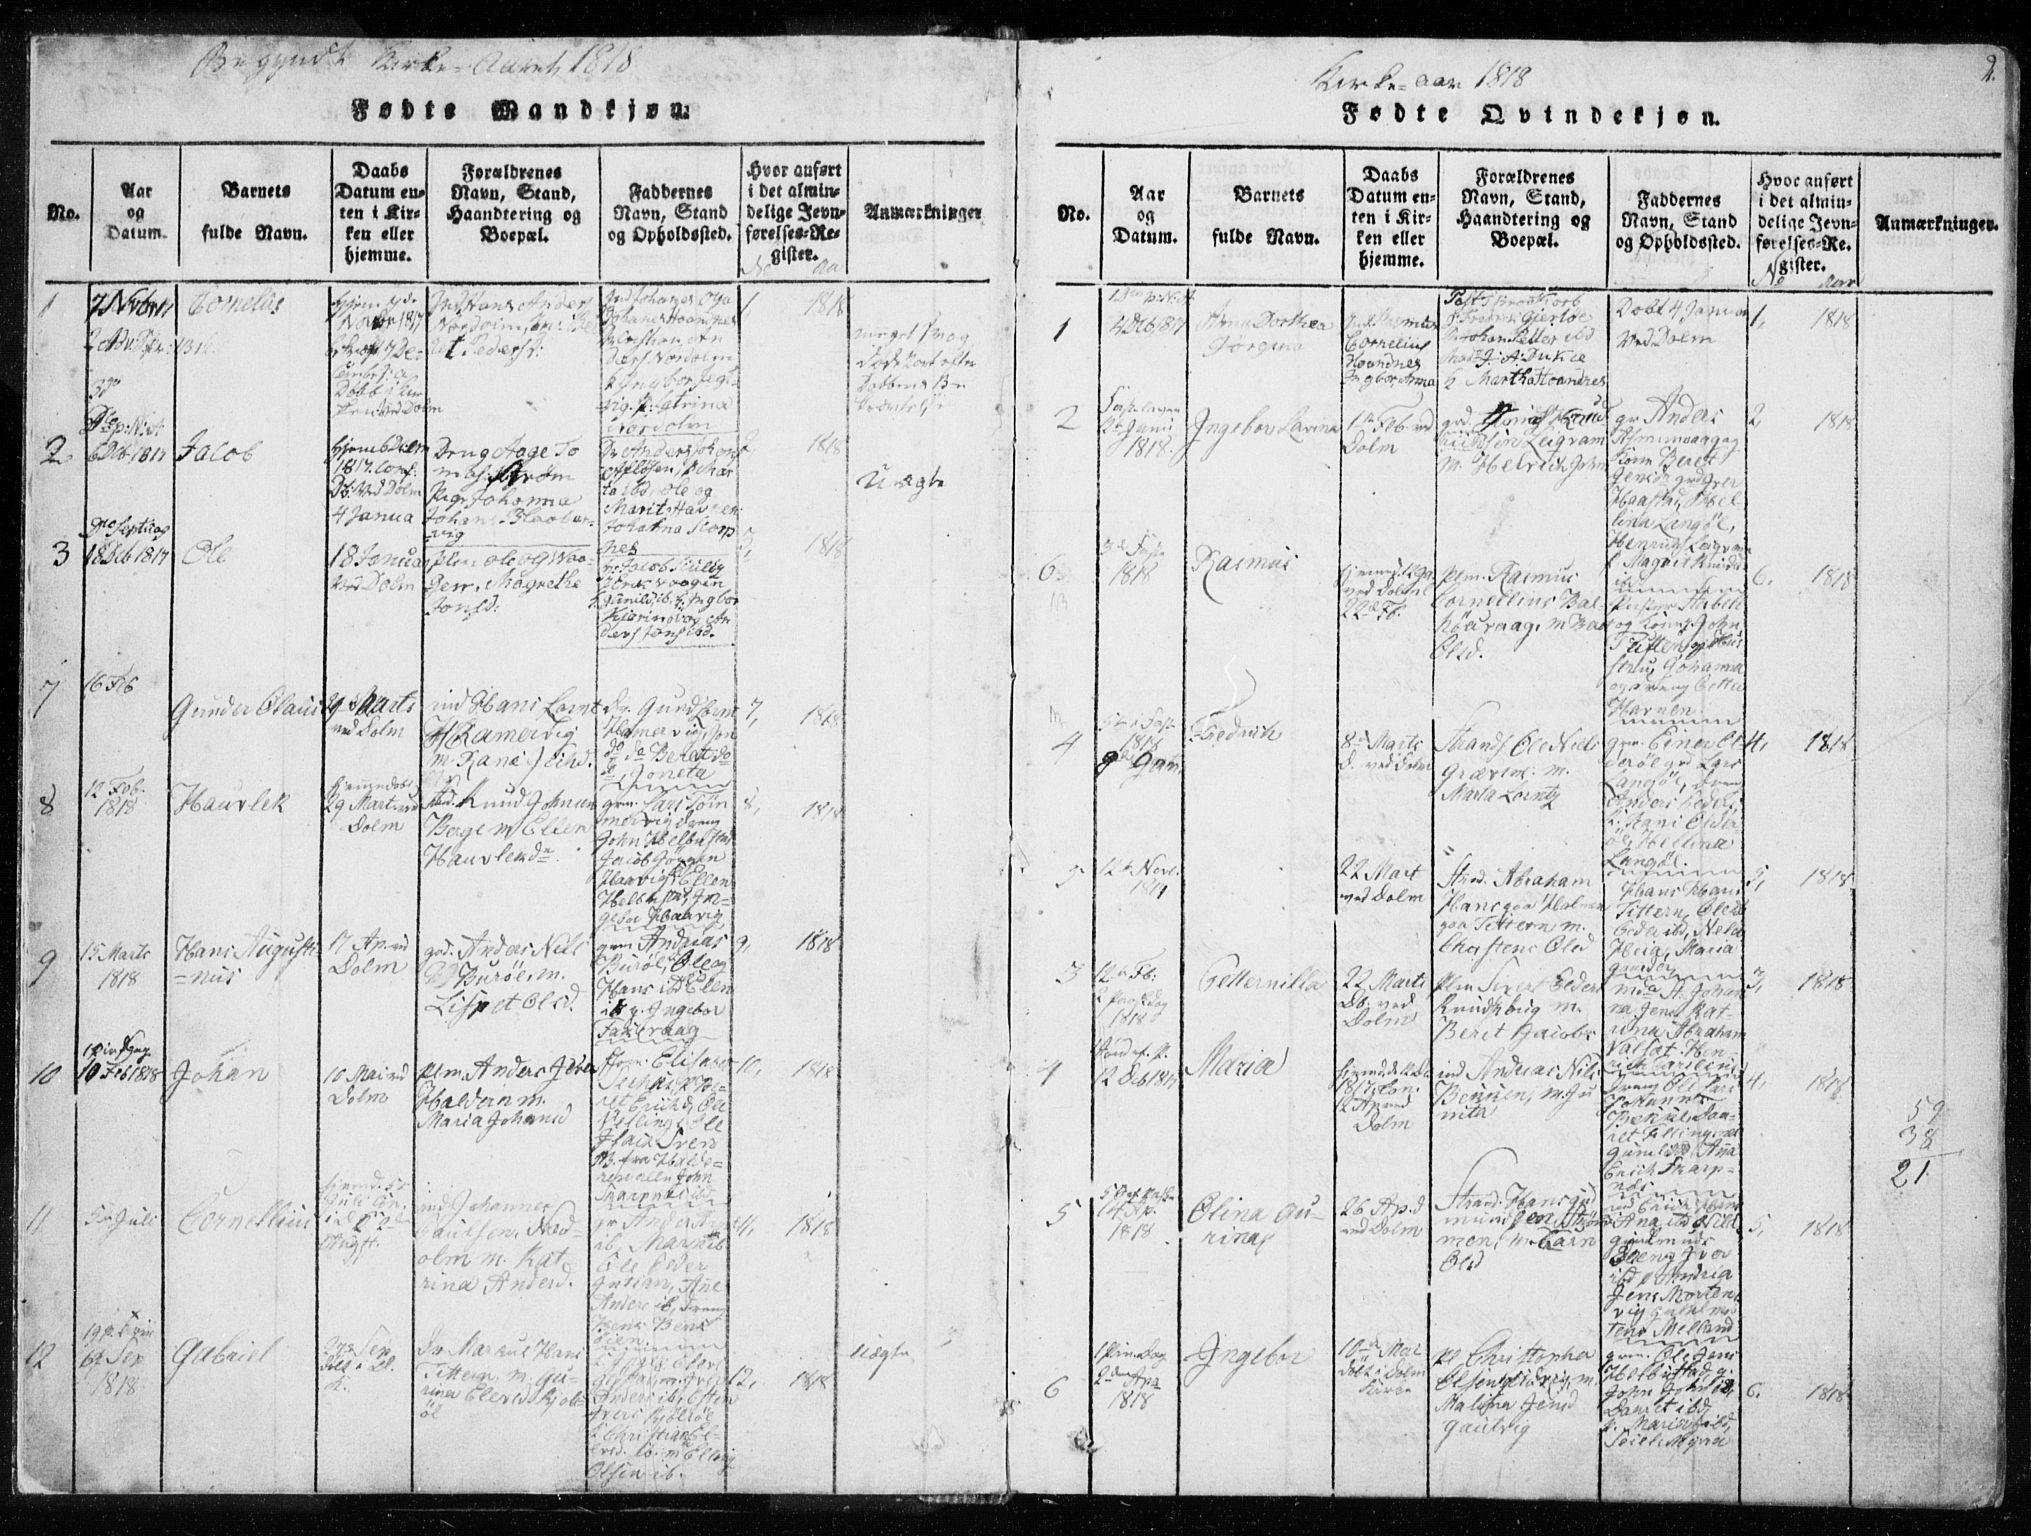 SAT, Ministerialprotokoller, klokkerbøker og fødselsregistre - Sør-Trøndelag, 634/L0527: Ministerialbok nr. 634A03, 1818-1826, s. 2